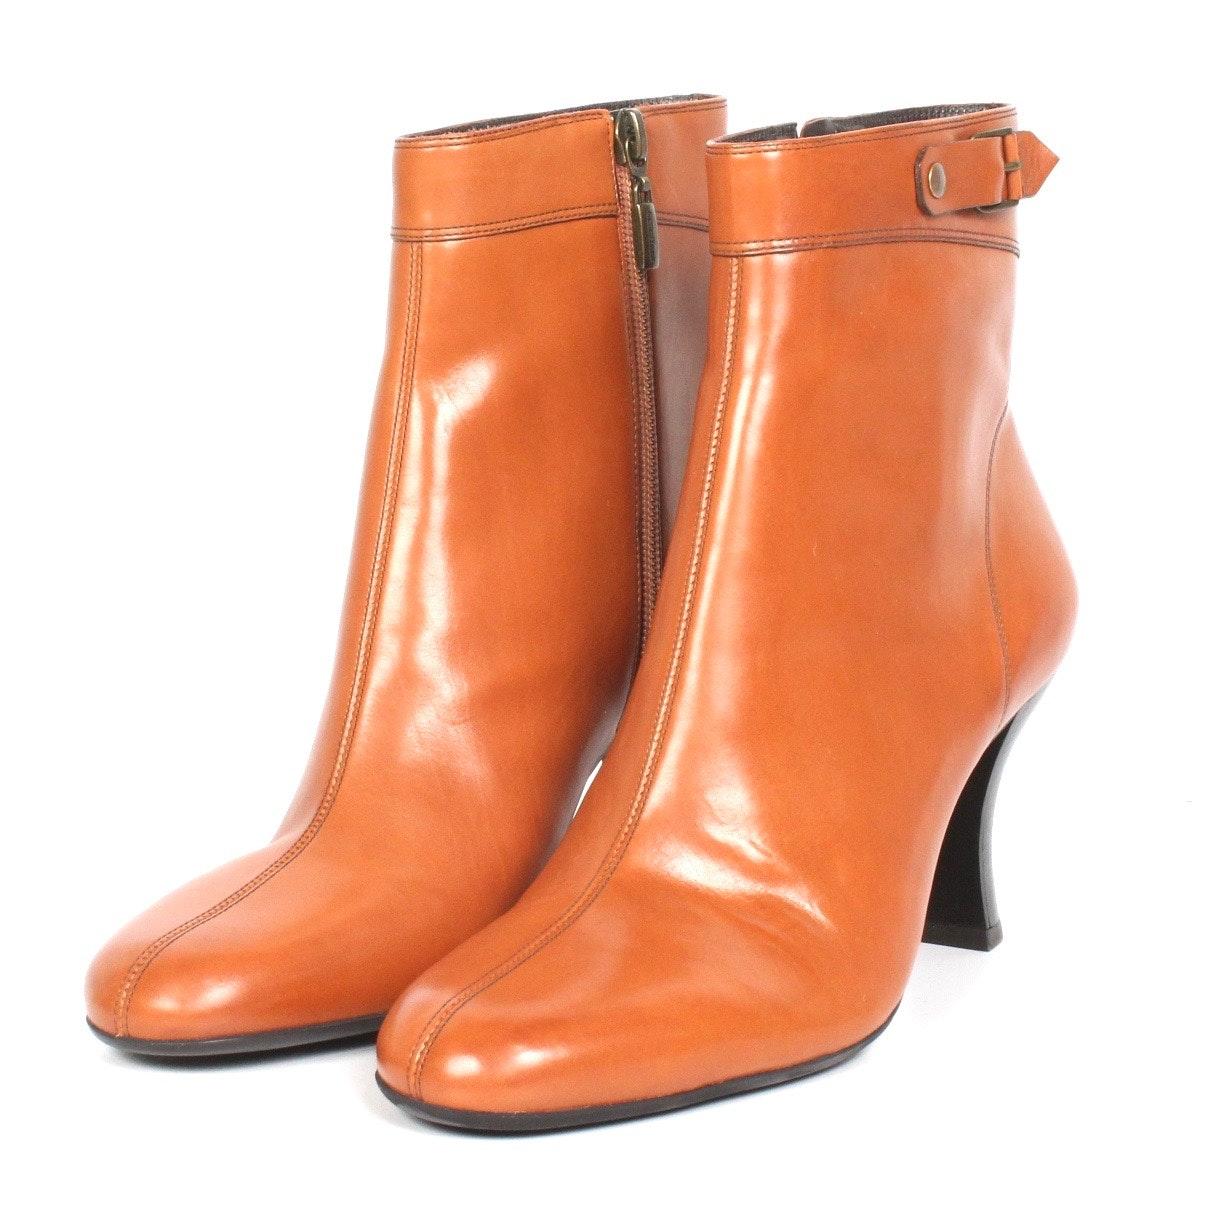 Women's Cole Haan Viktoria Boots